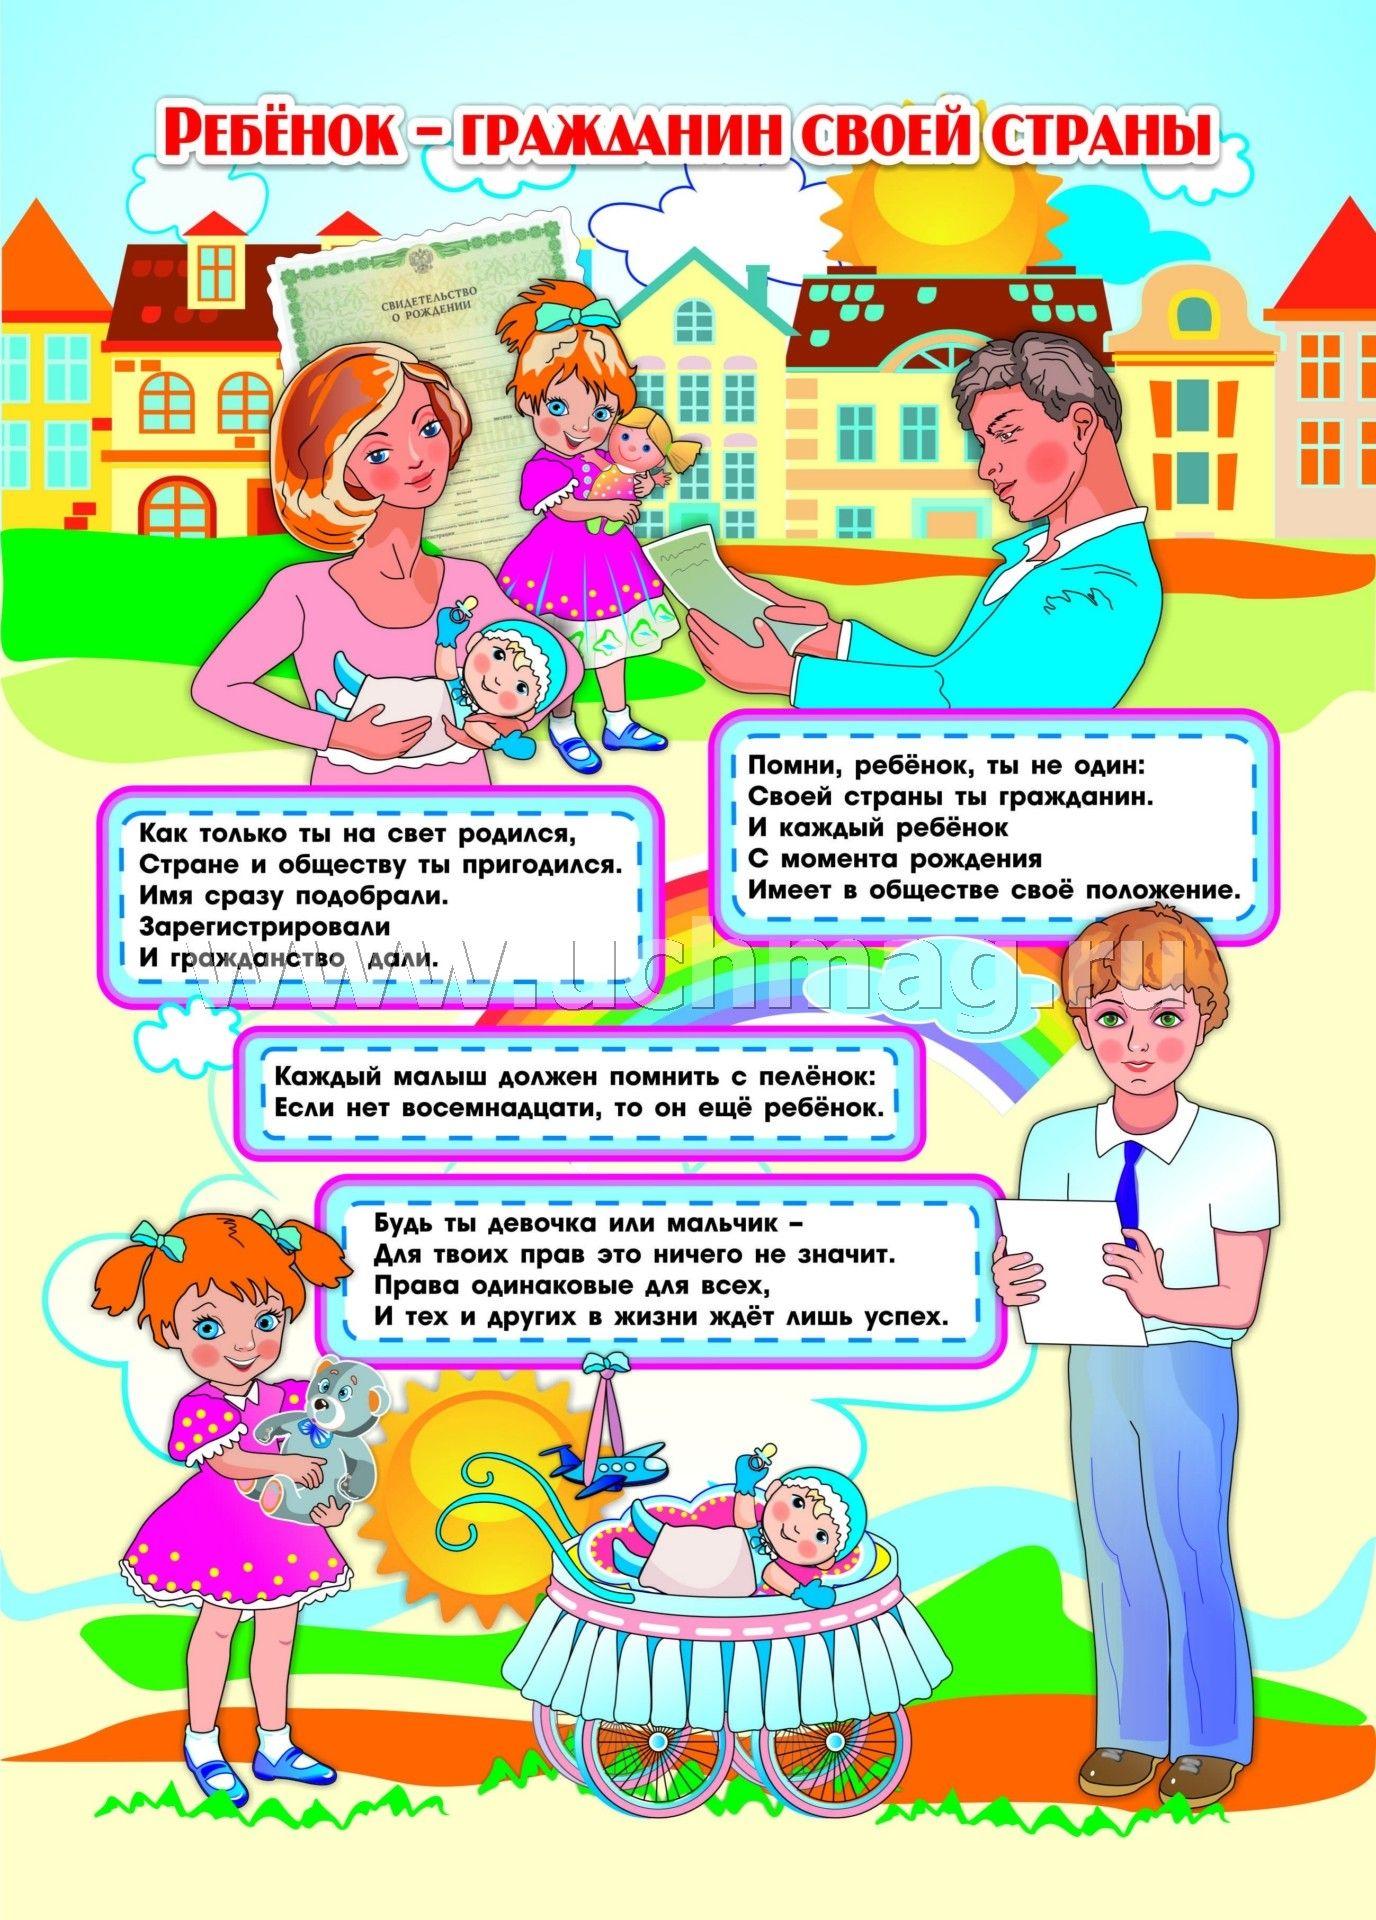 Плакат по правам детей в доу